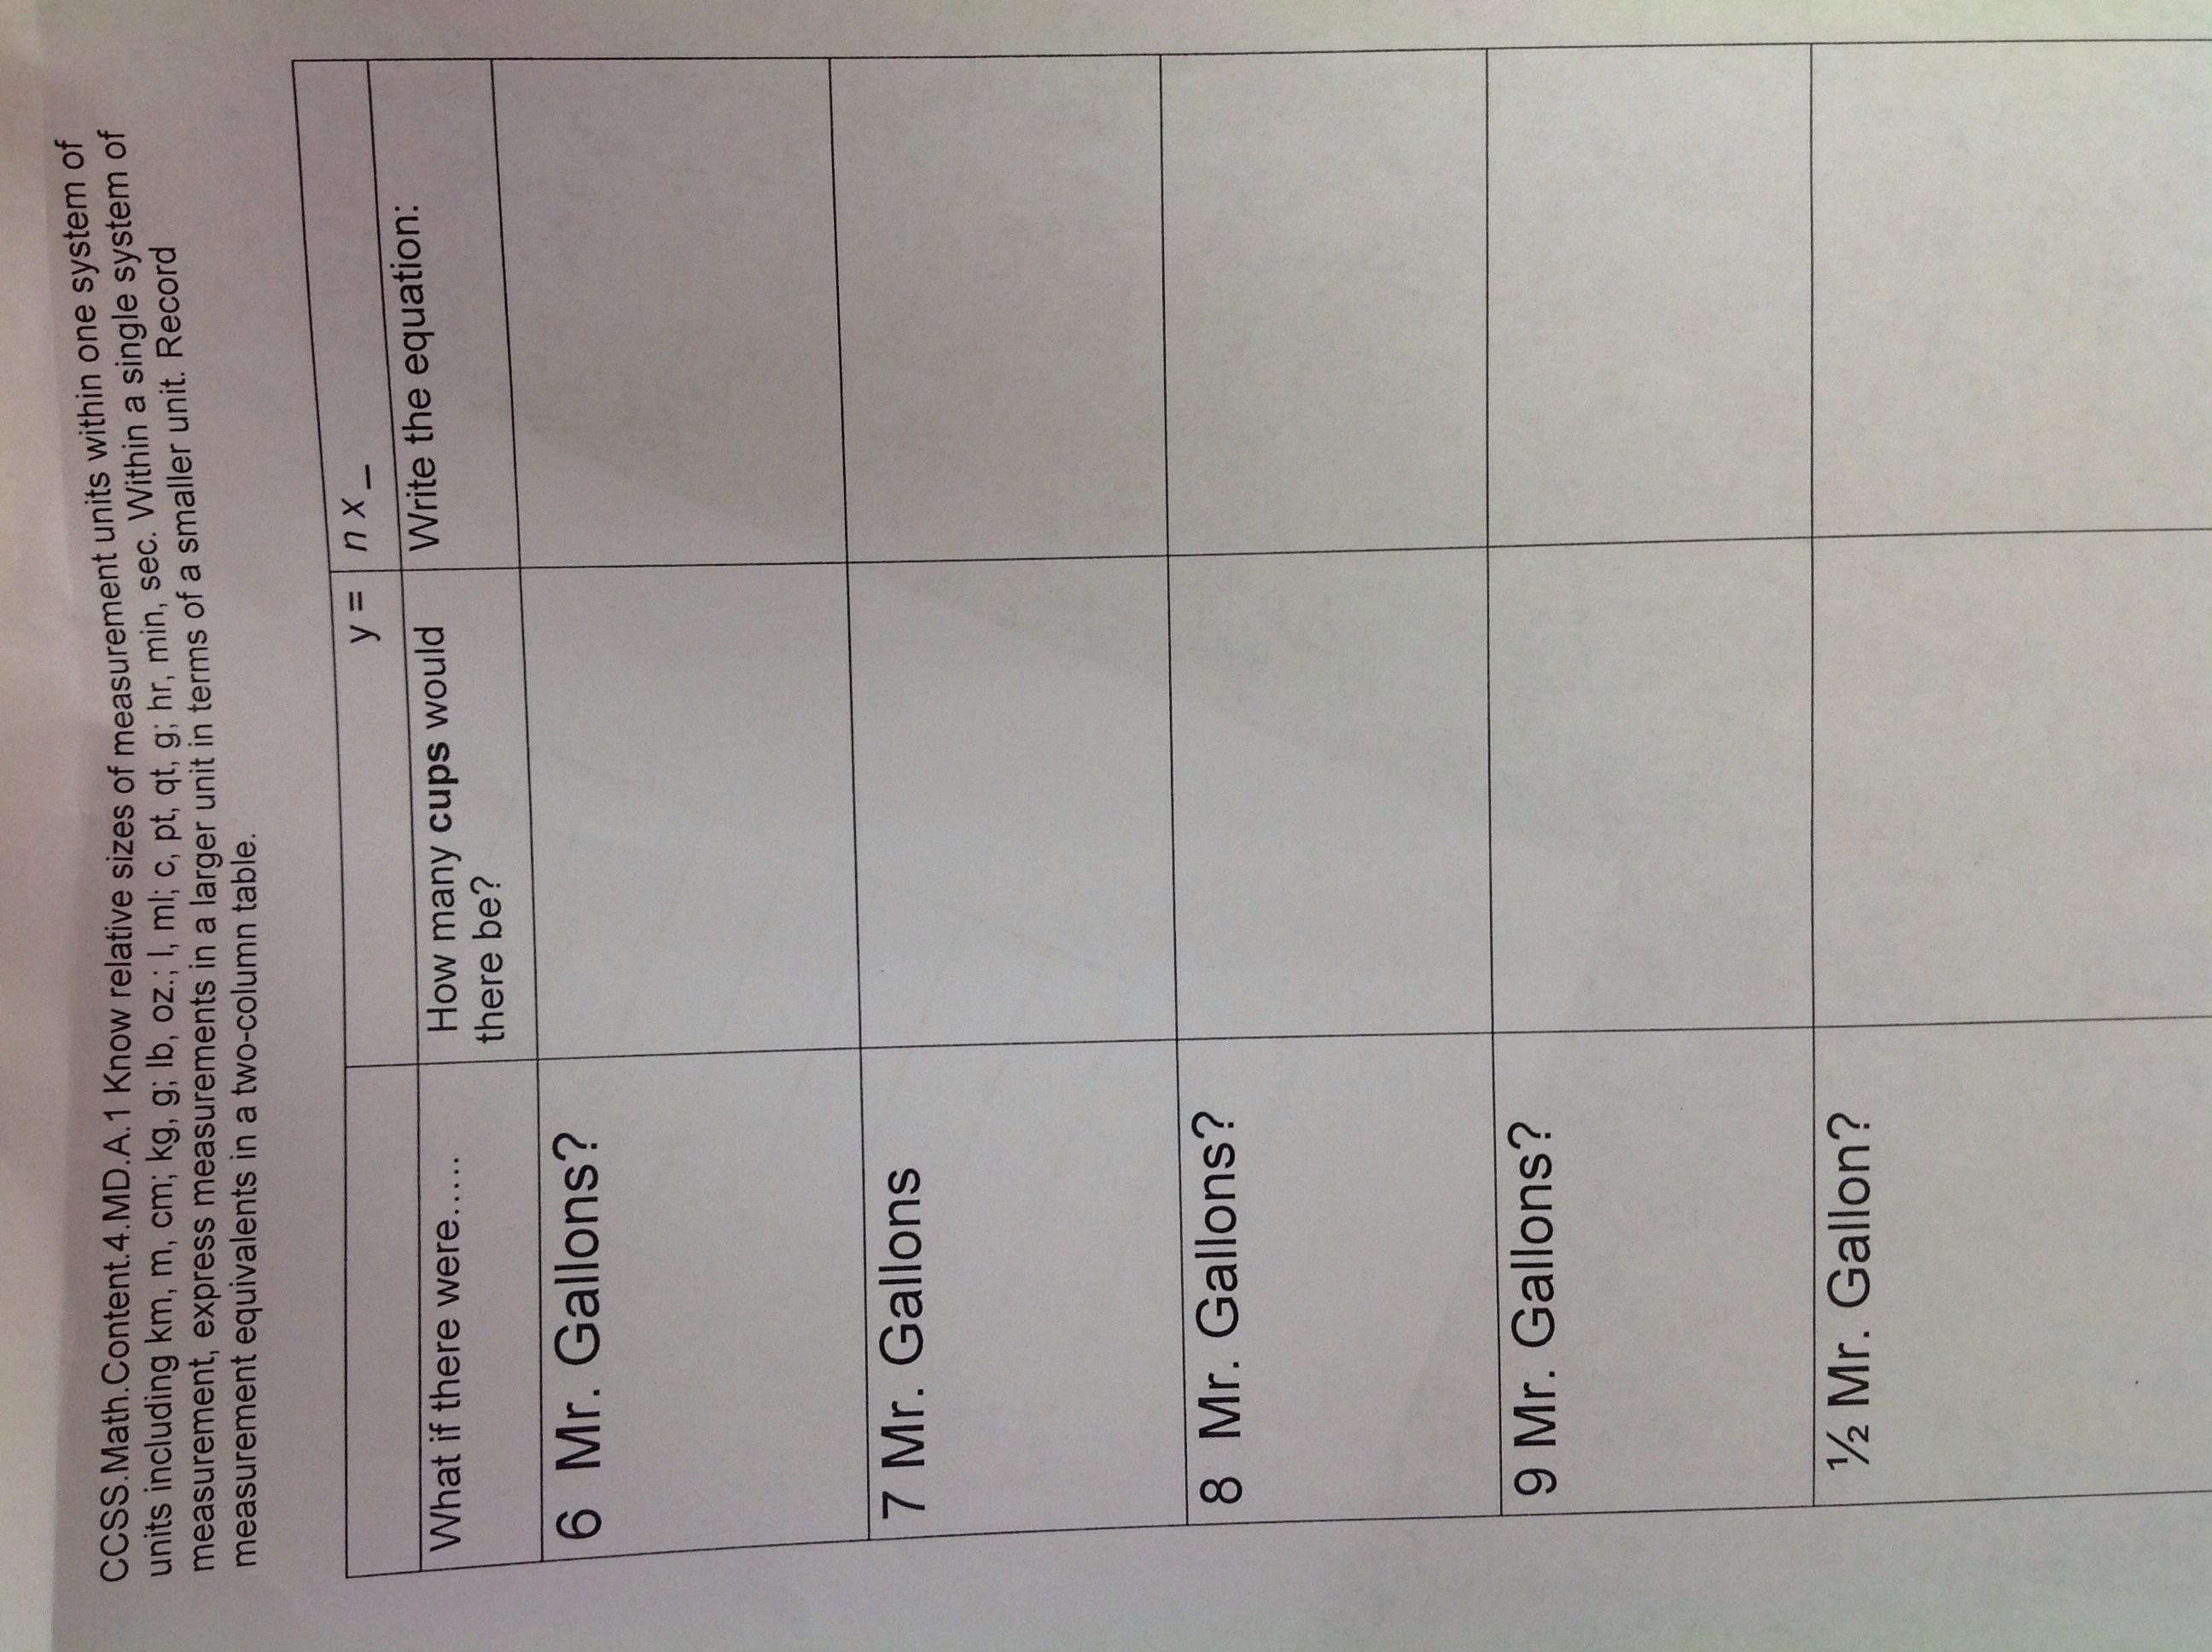 Math Worksheet Vive La France